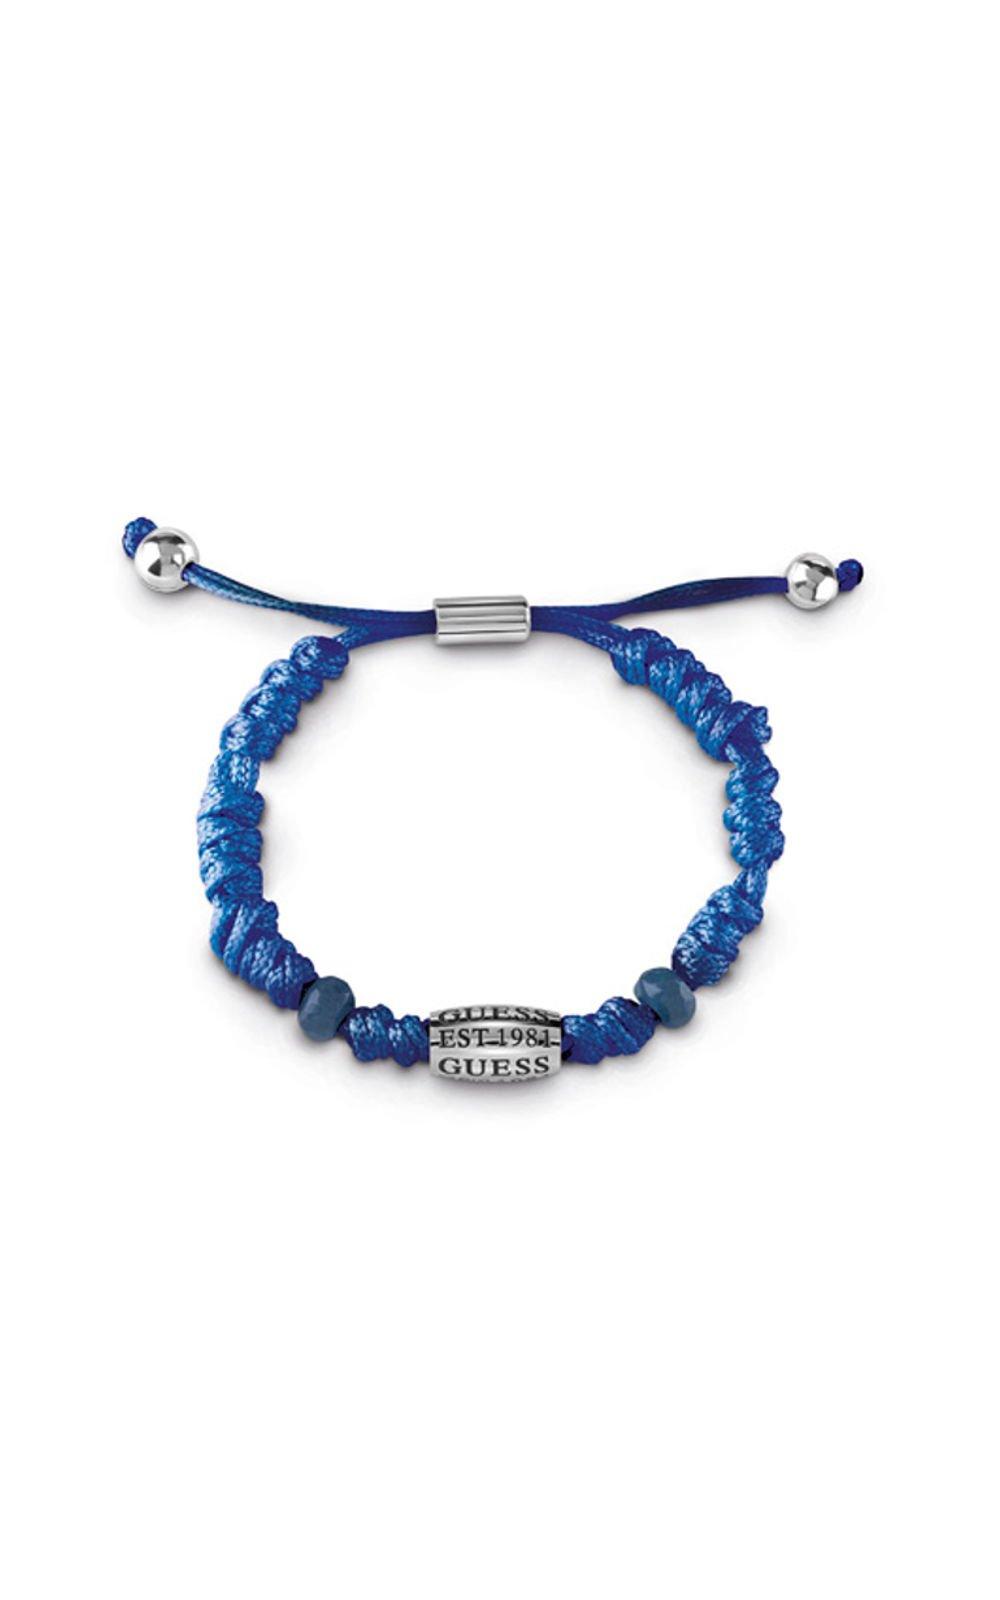 GUESS MEN UMB85012 Βραχιόλι Μπλε Δερμάτινο Με Λογότυπο